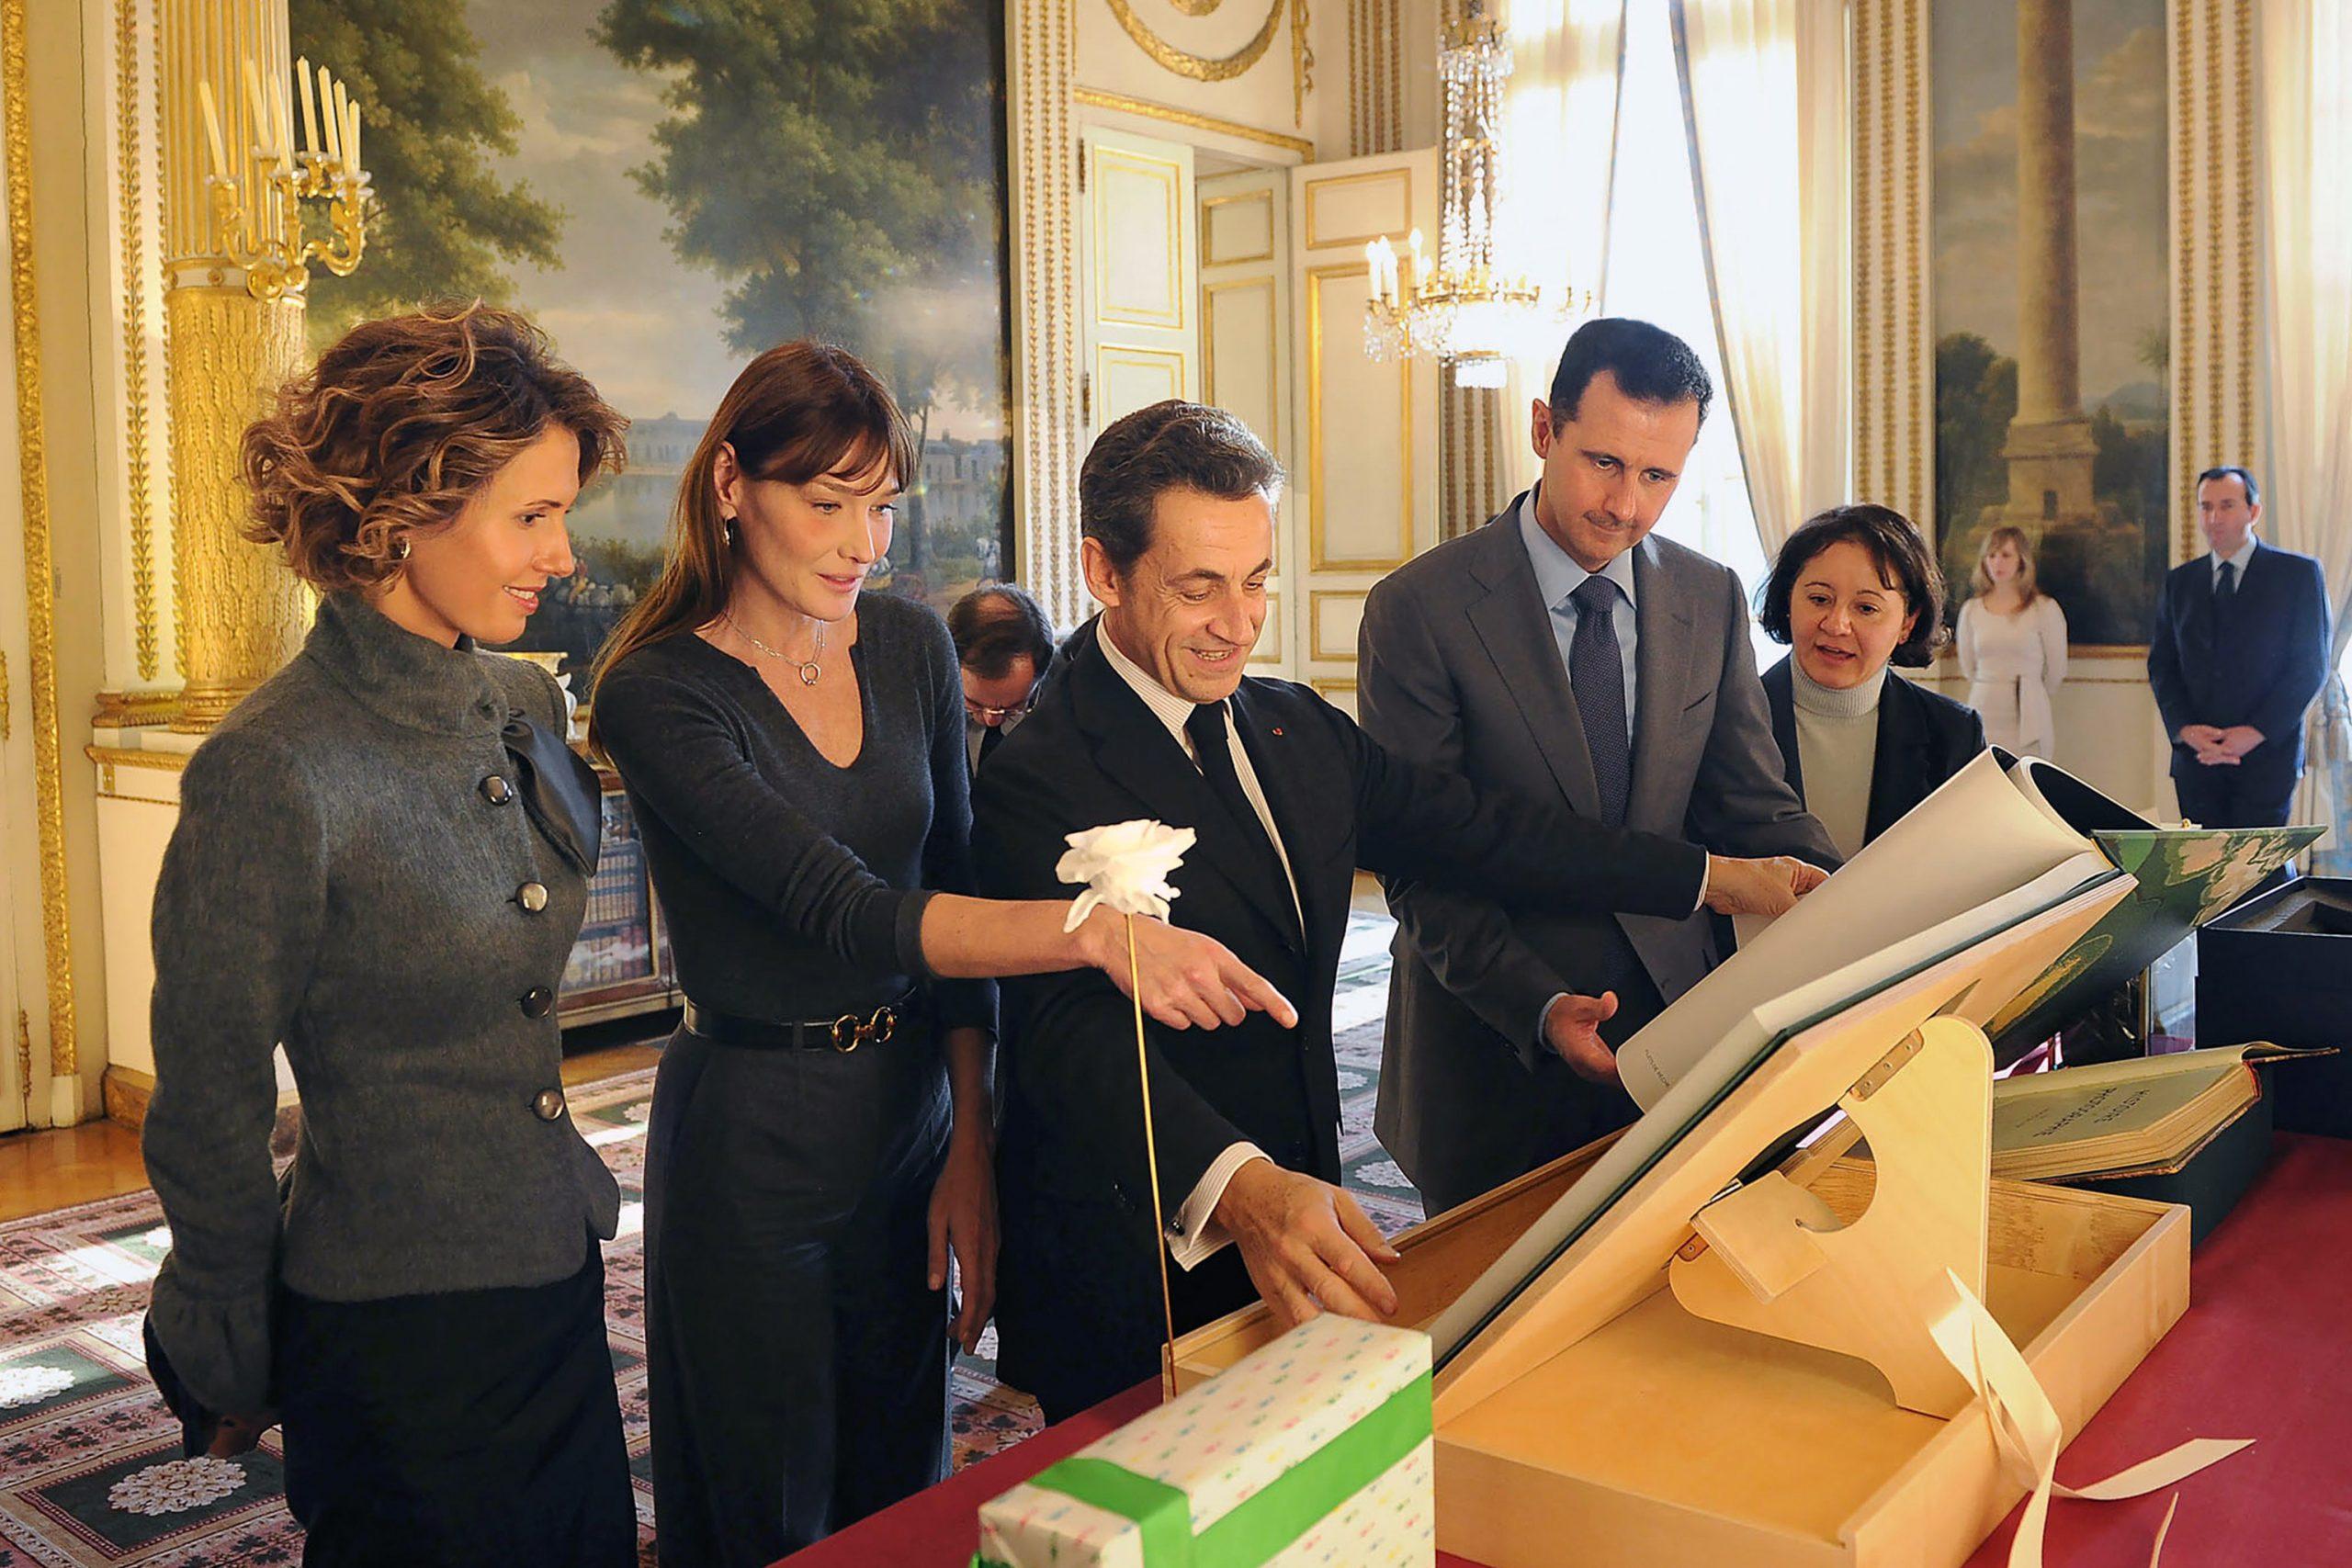 Bachar et Asma al-Assad reçus à l'Élysée par Nicolas Sarkozy et Carla Bruni-Sarkozy, le 9 décembre 2010.